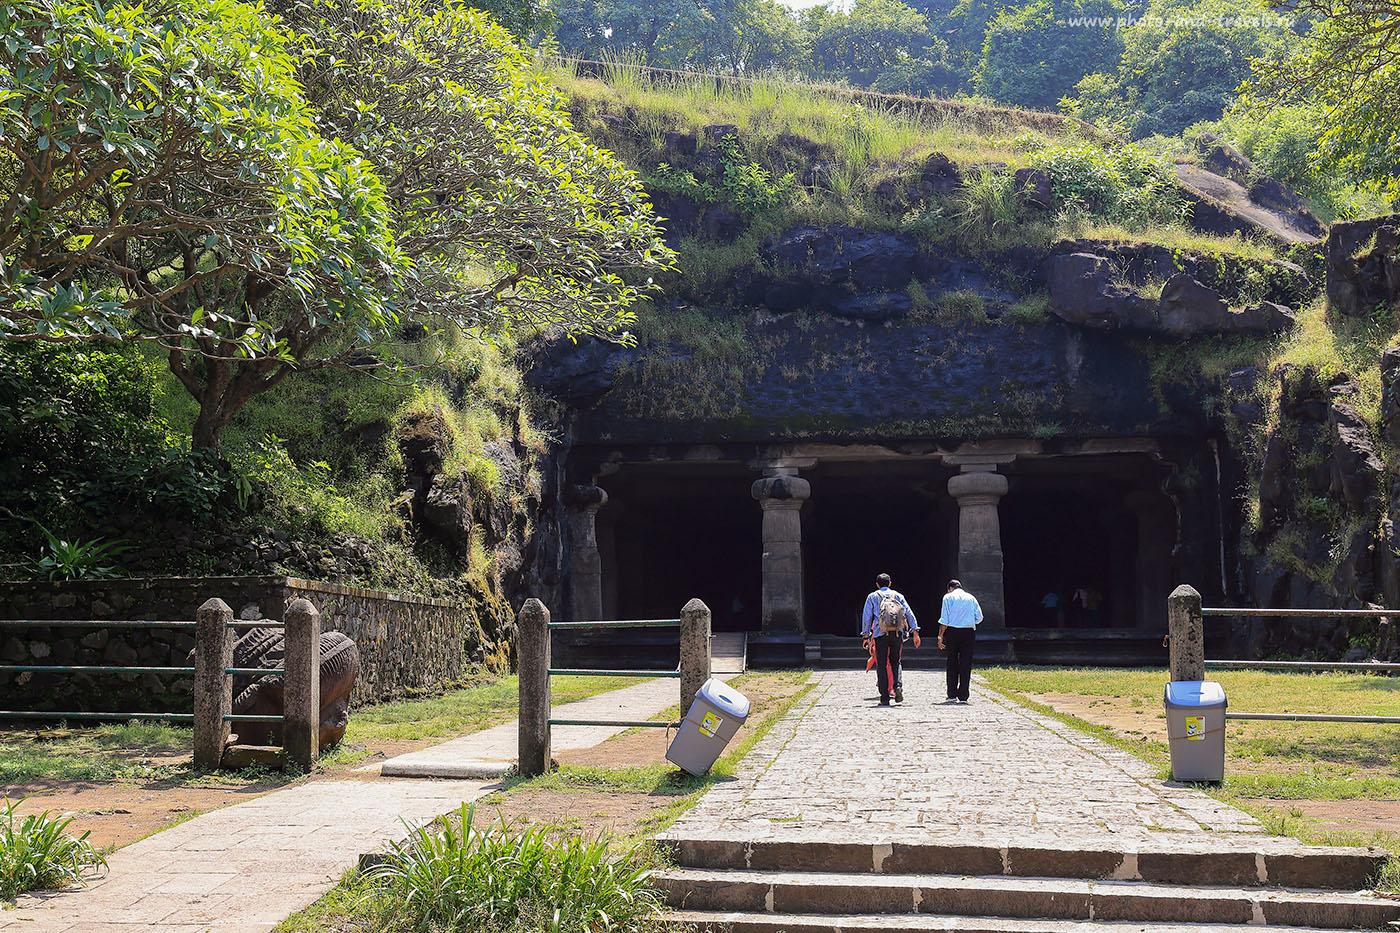 8. Вход в главную пещеру. Отзыв о самостоятельной экскурсии на остров Элефанта. Путешествия по Индии. (24-70, 1/60, -1eV, f9, 35 mm, ISO 100)